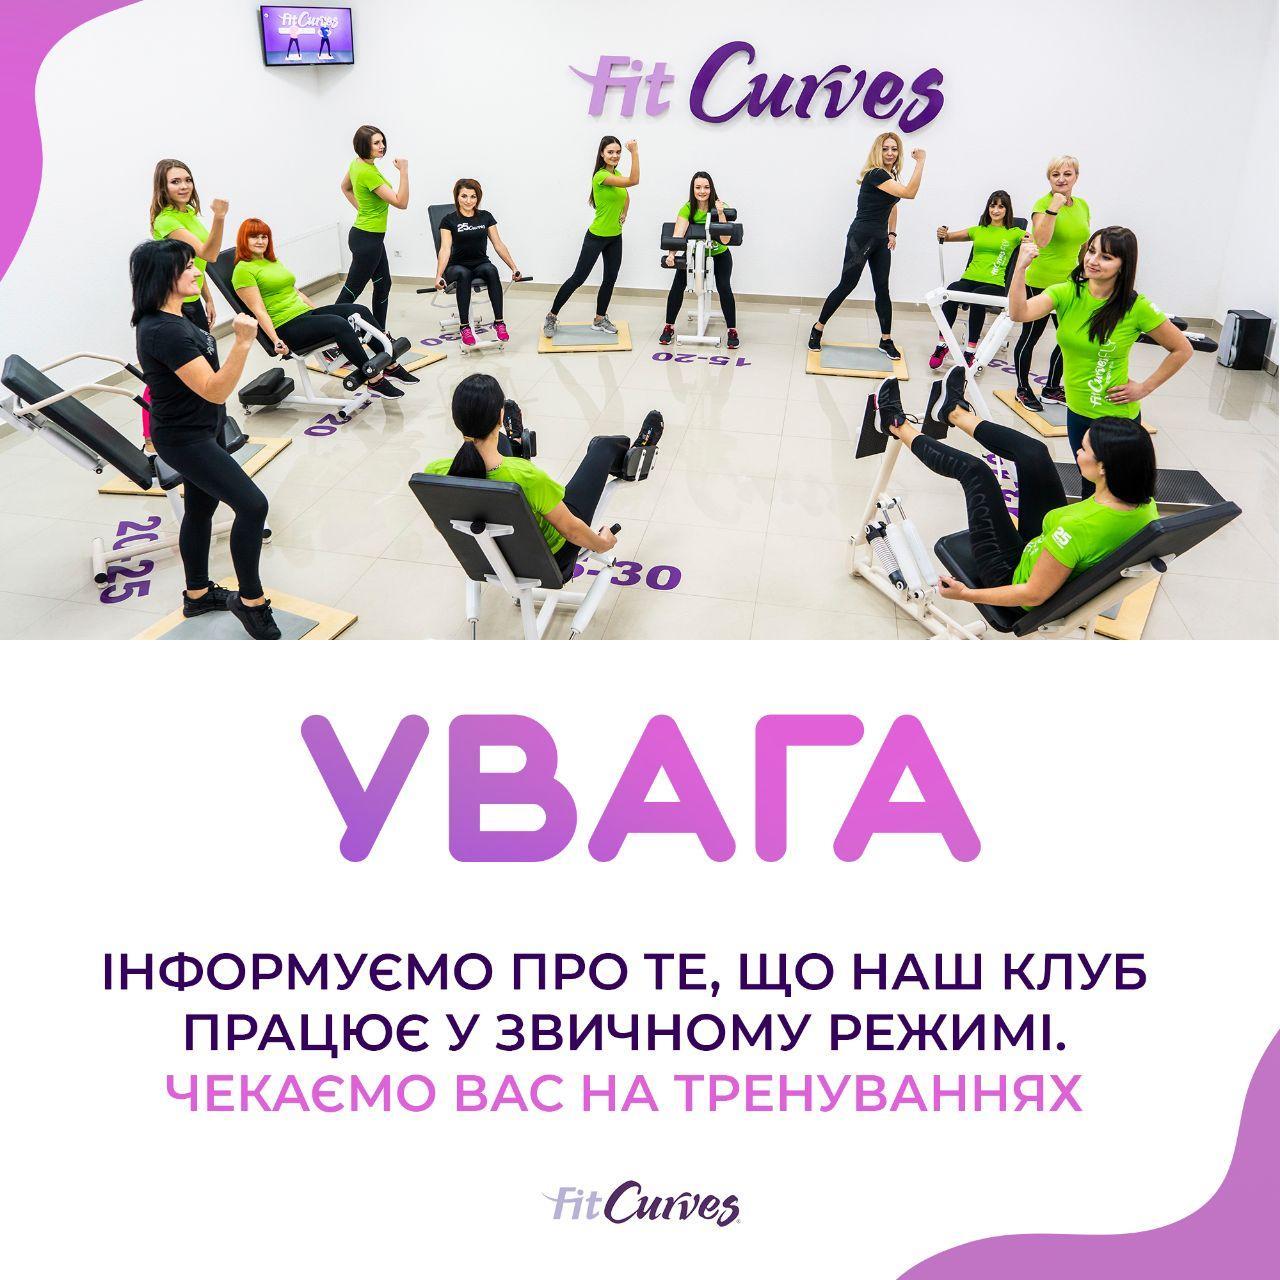 Работа клубов FitCurves в период карантина